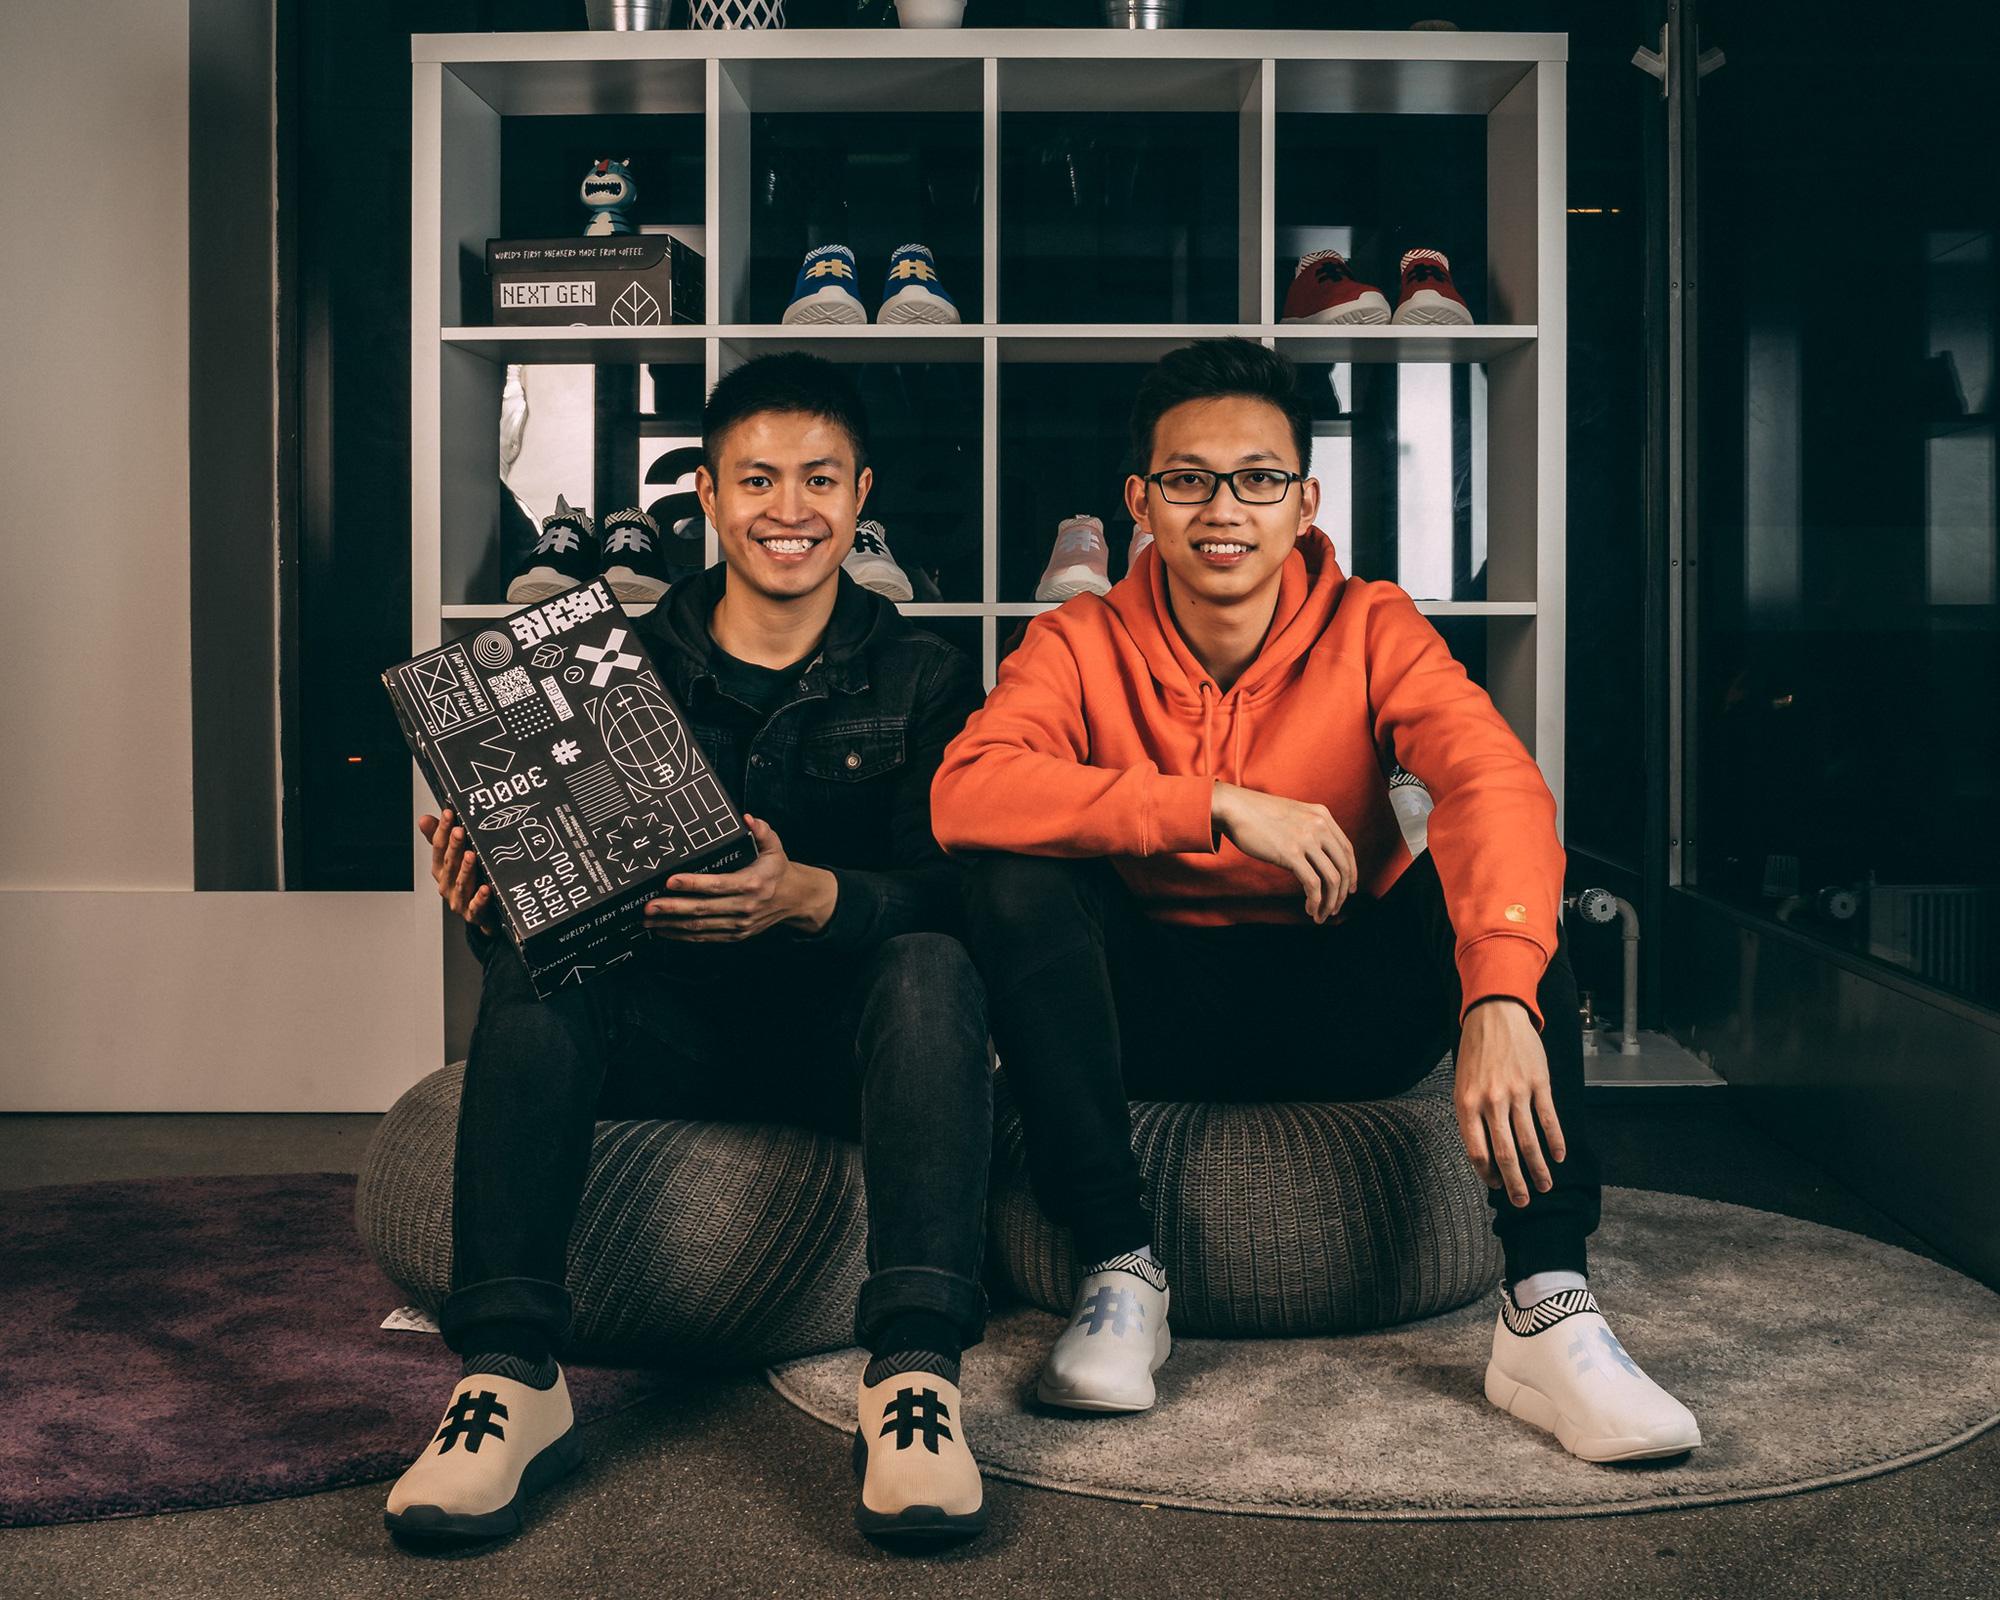 Startup gốc Việt lọt top 10 công ty khởi nghiệp Phần Lan - Ảnh 1.